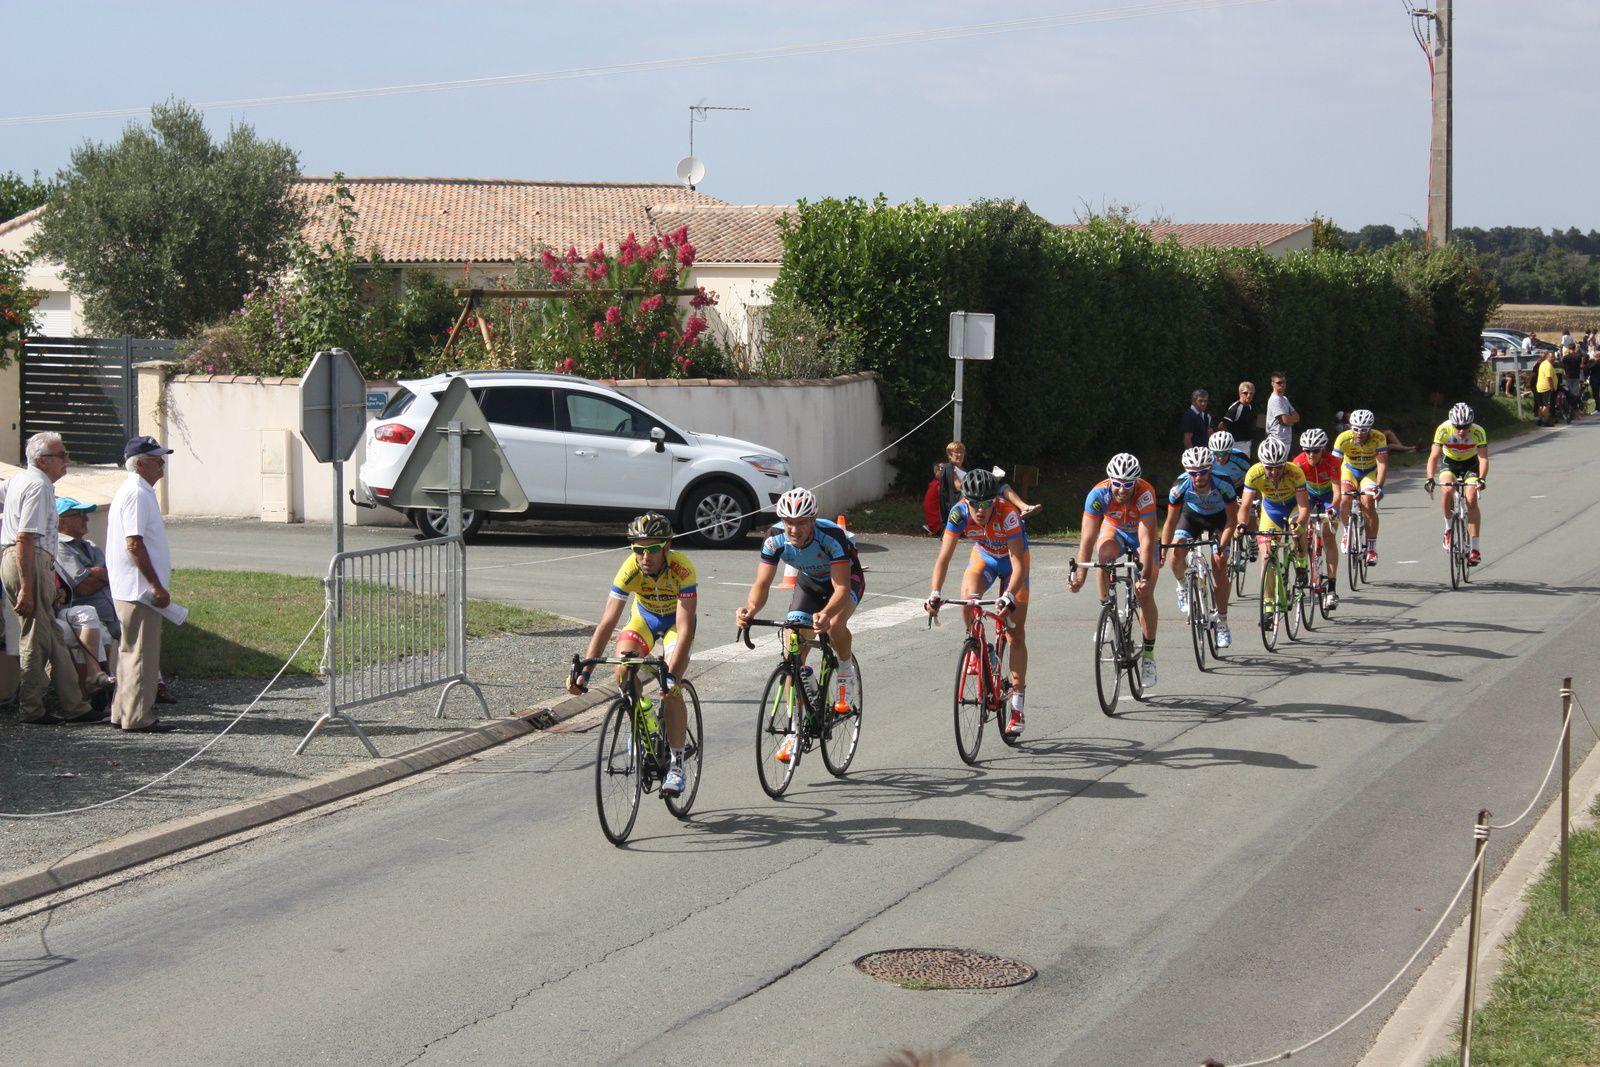 Dans  le  groupe  de  tête  le  coureur  de  Corbeil  Essonne  est  trés  actif